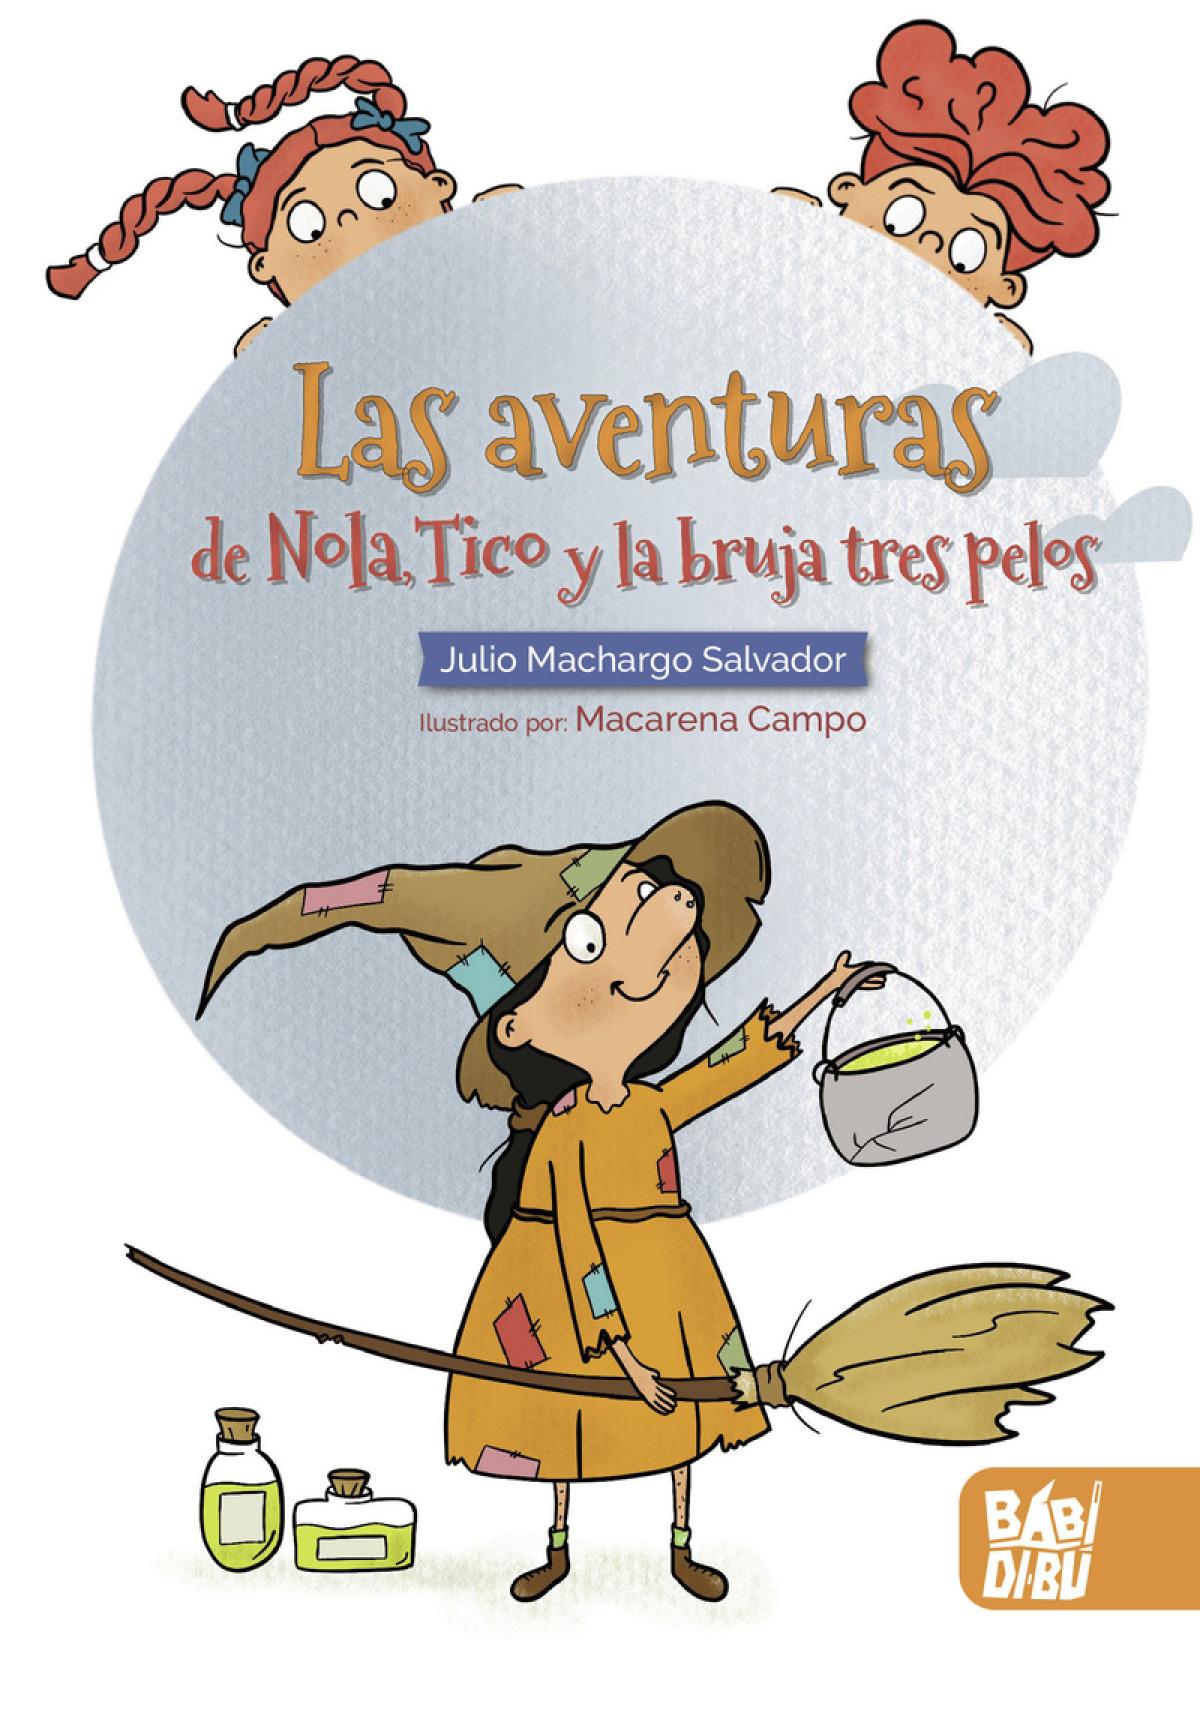 Las aventuras de Nola, Tico y la bruja tres pelos